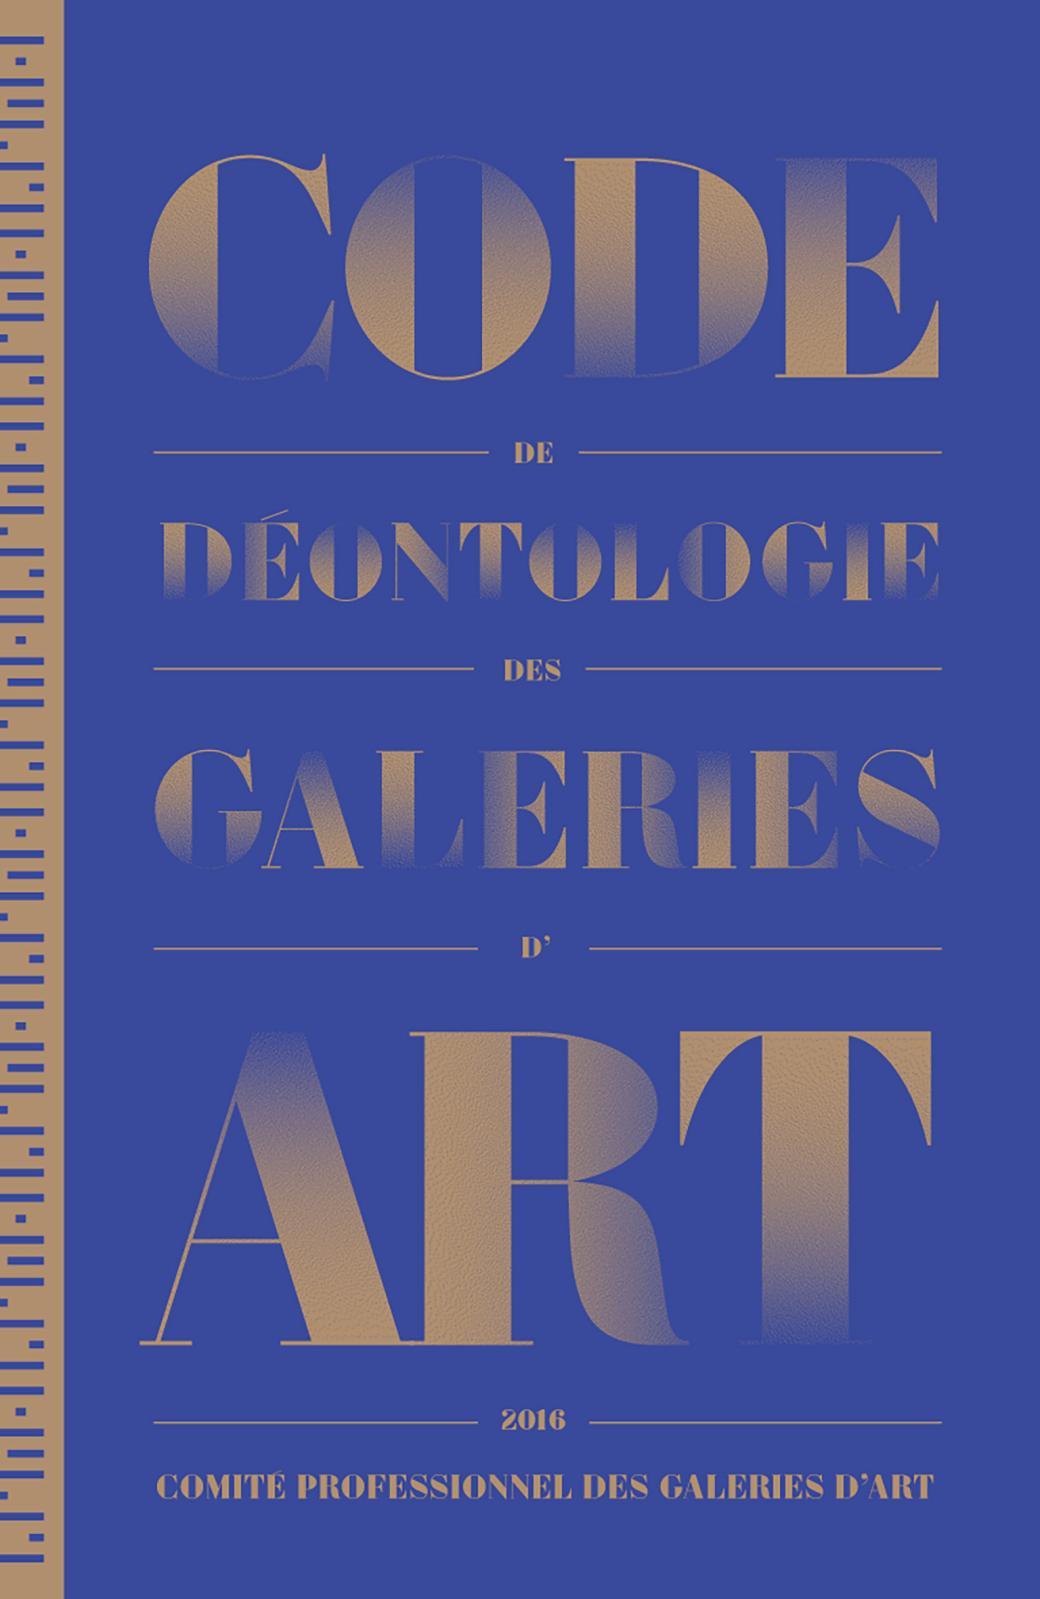 Code de déontologie, Comité professionnel des galeries d'art, impression janvier 2016, Alliances graphiques